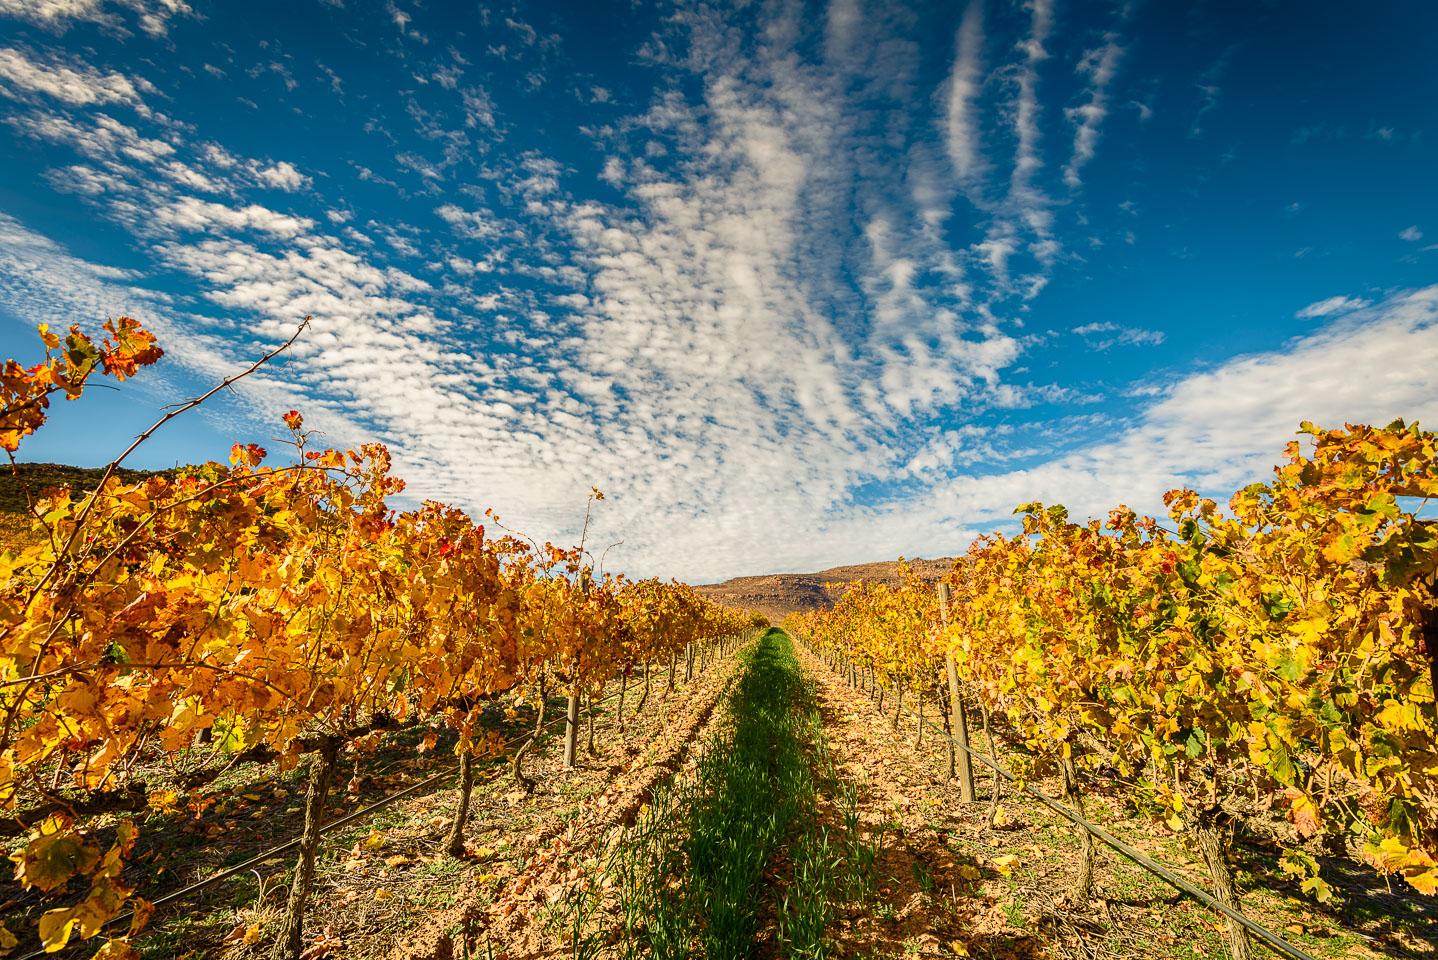 ZA130374-Cederbergen-Vines.jpg